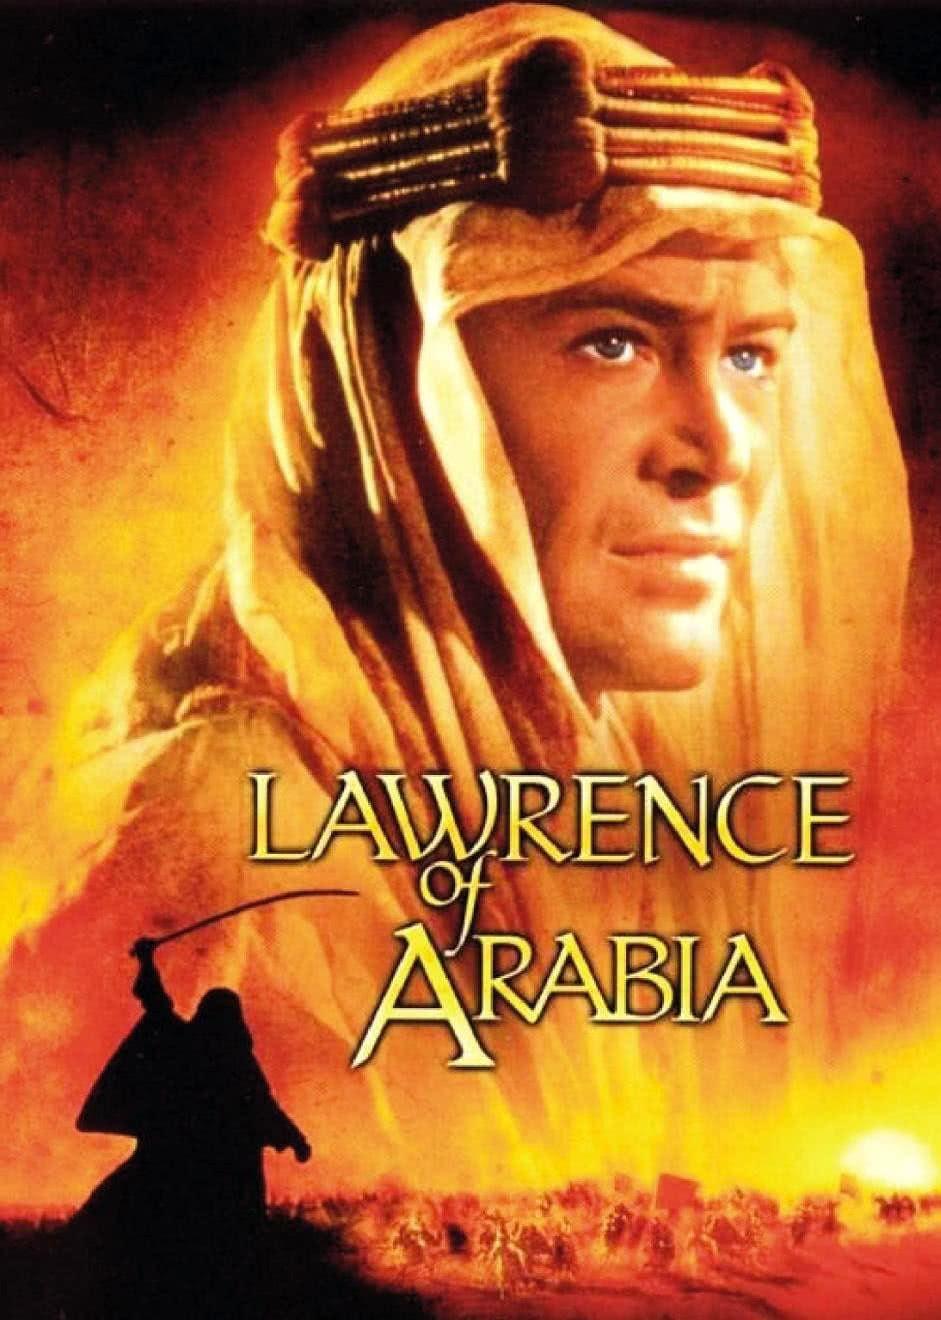 阿拉伯的劳伦斯·下部